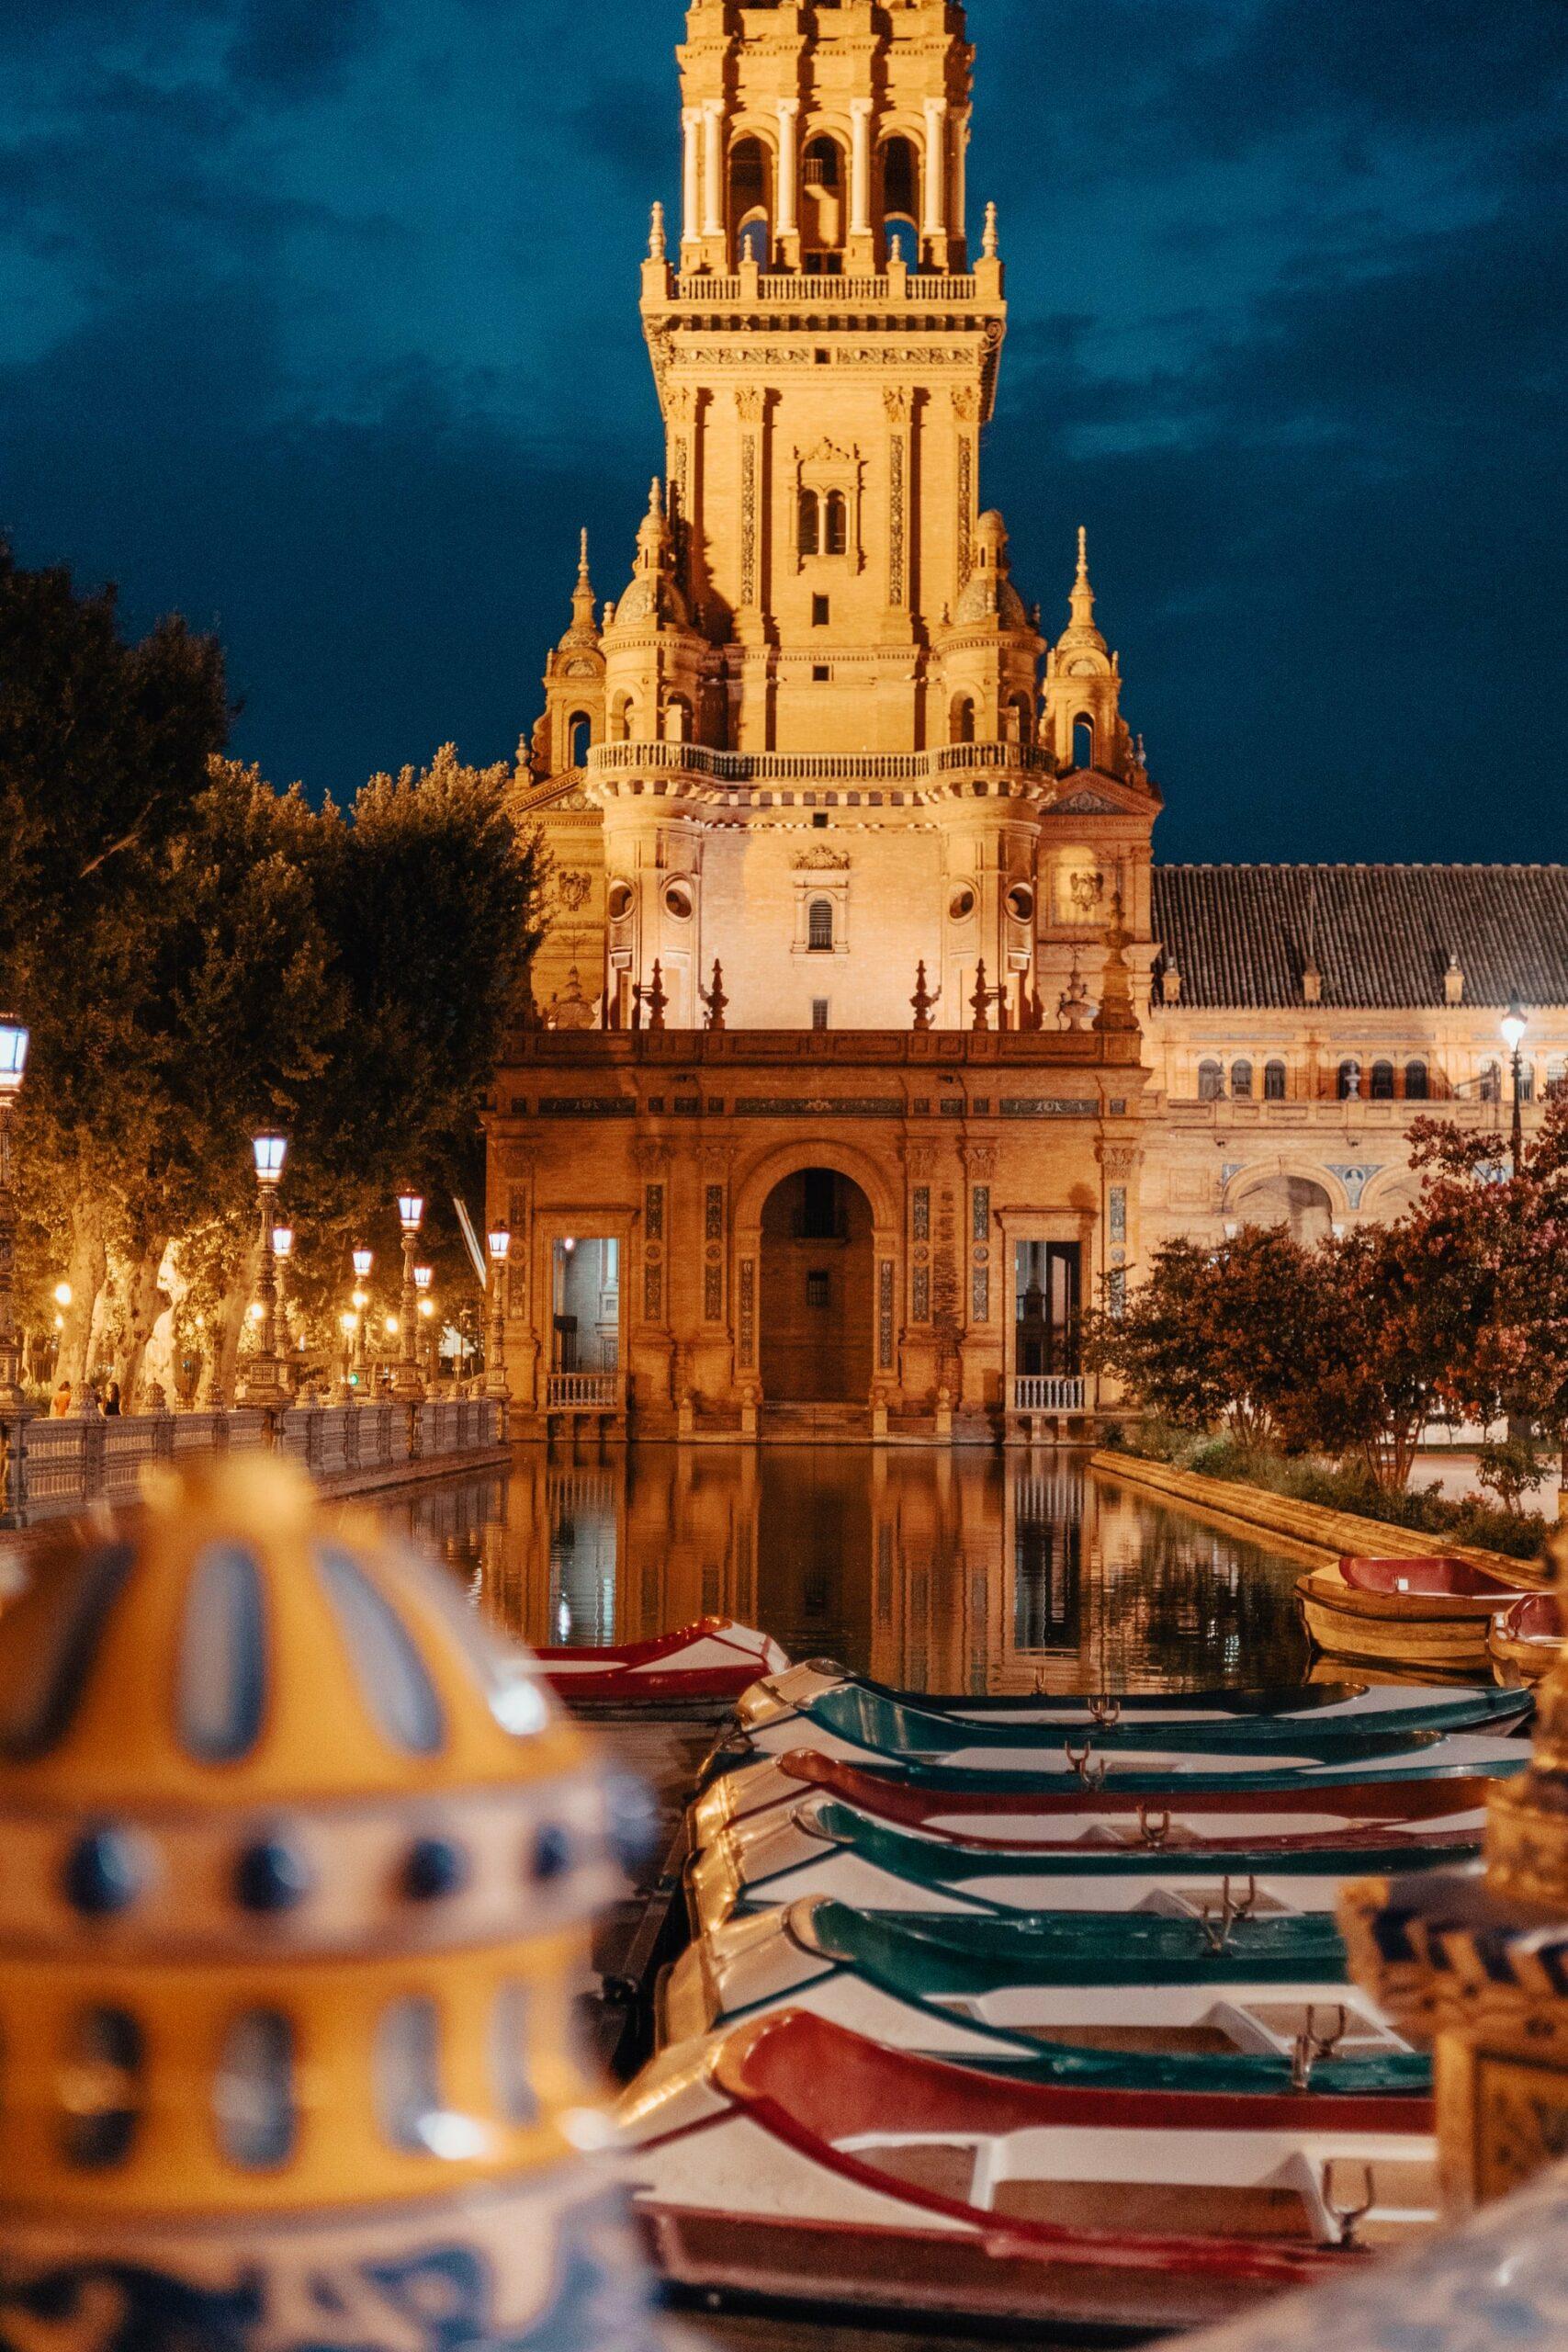 monument d'espagne éclairé de nuit